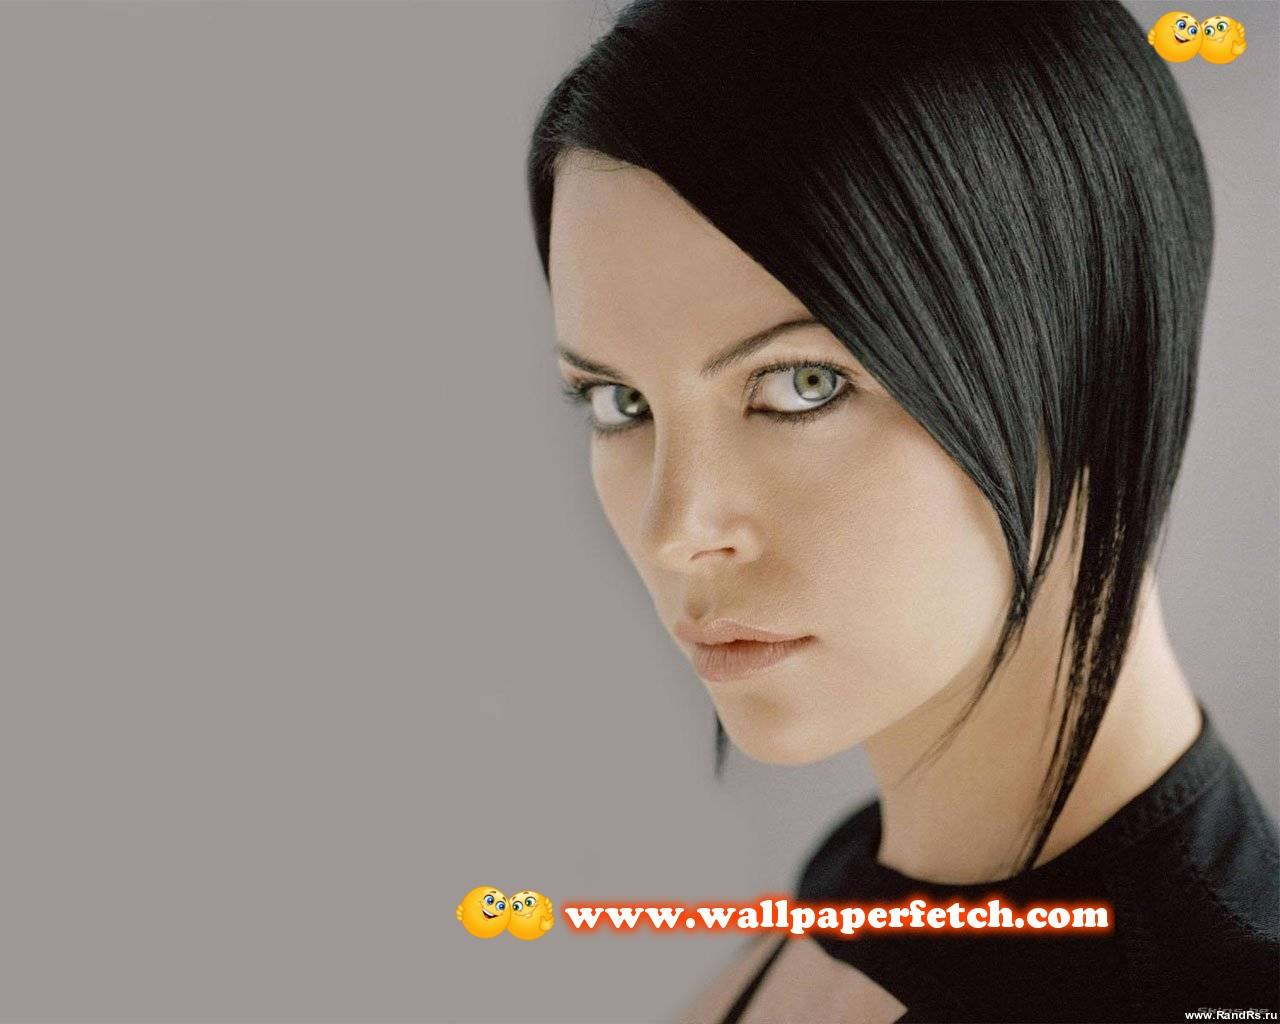 http://1.bp.blogspot.com/-ElcuWLt5sbM/TtkWfP41p2I/AAAAAAAAF6A/gjSuX6FmpZ4/s1600/Beautiful%2Bwomen%2527s%2Bfaces%2BWallpaper%2B%252851%2529.jpg